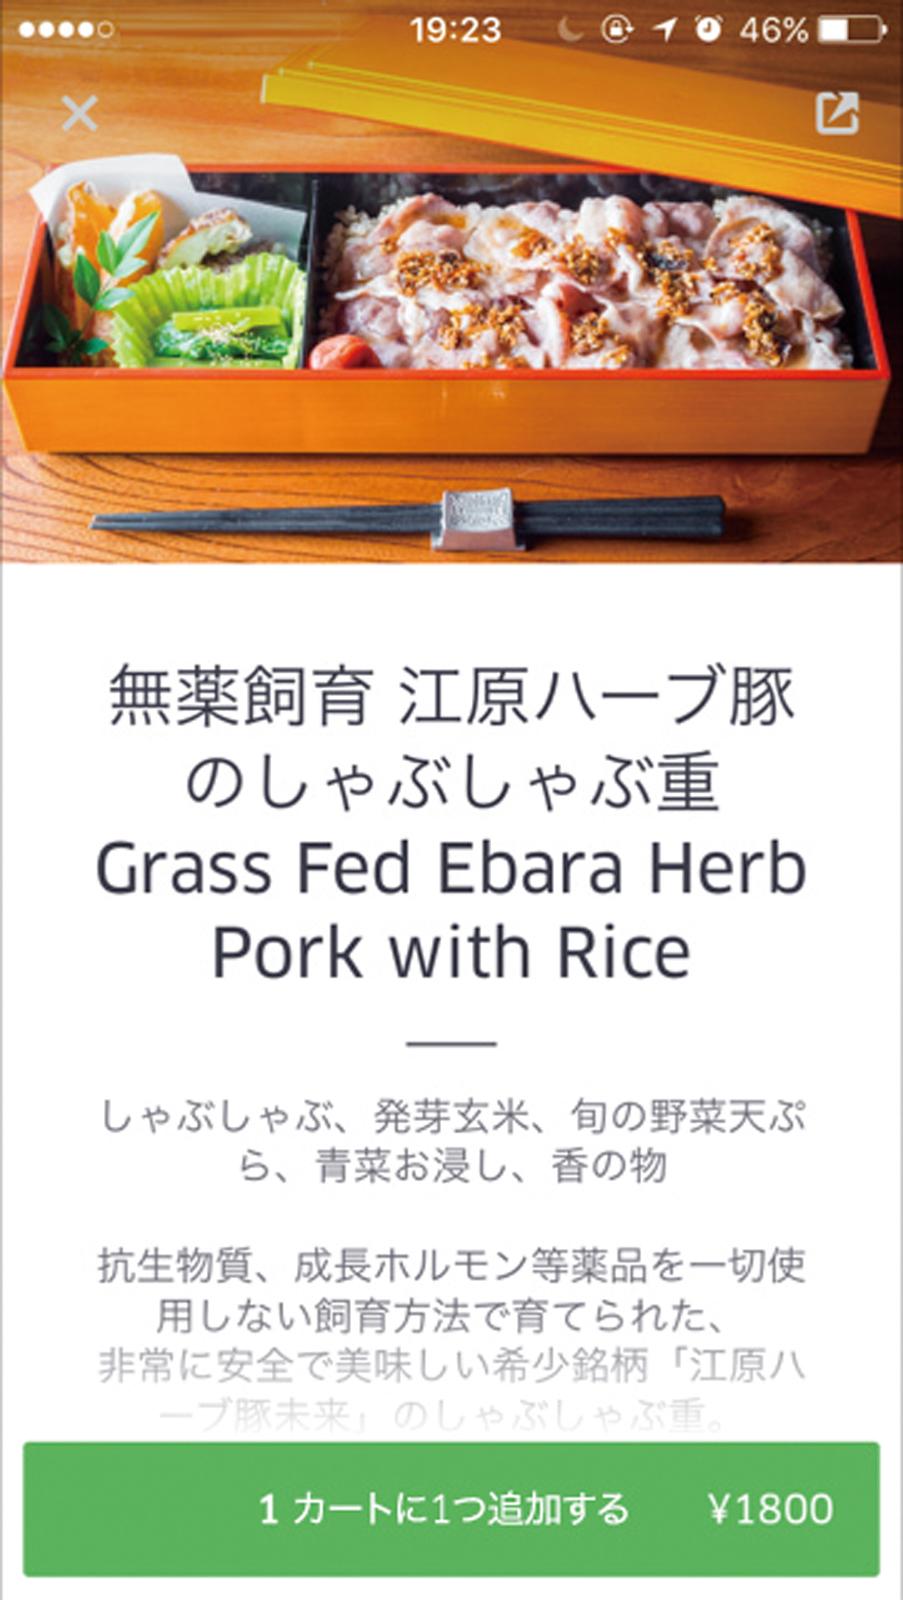 ↑ オーダーはスマホのアプリやWebから。提携店のなかから食べたい料理を選んで注文する